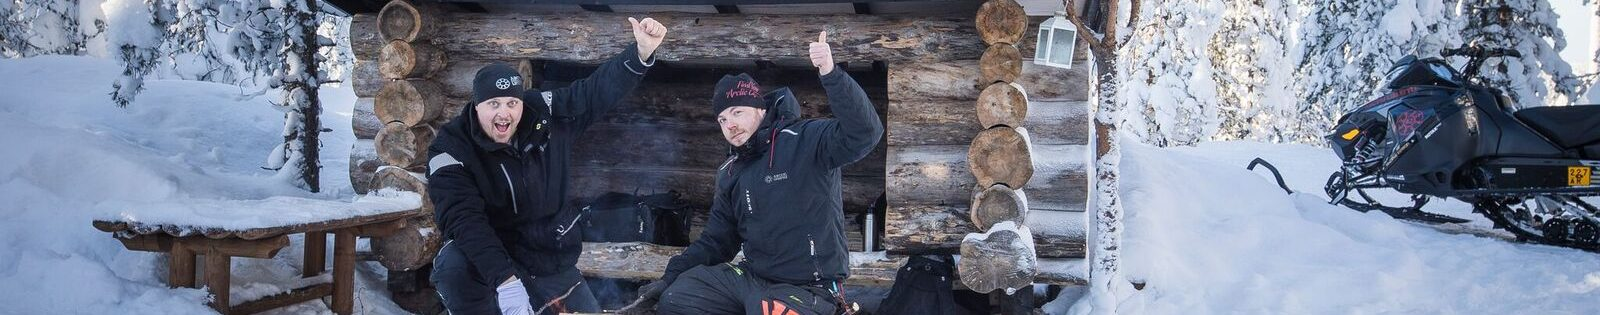 Schneemobil Adventure Perfect Tours Schneemobil Adventure Reisen Finnland (12)